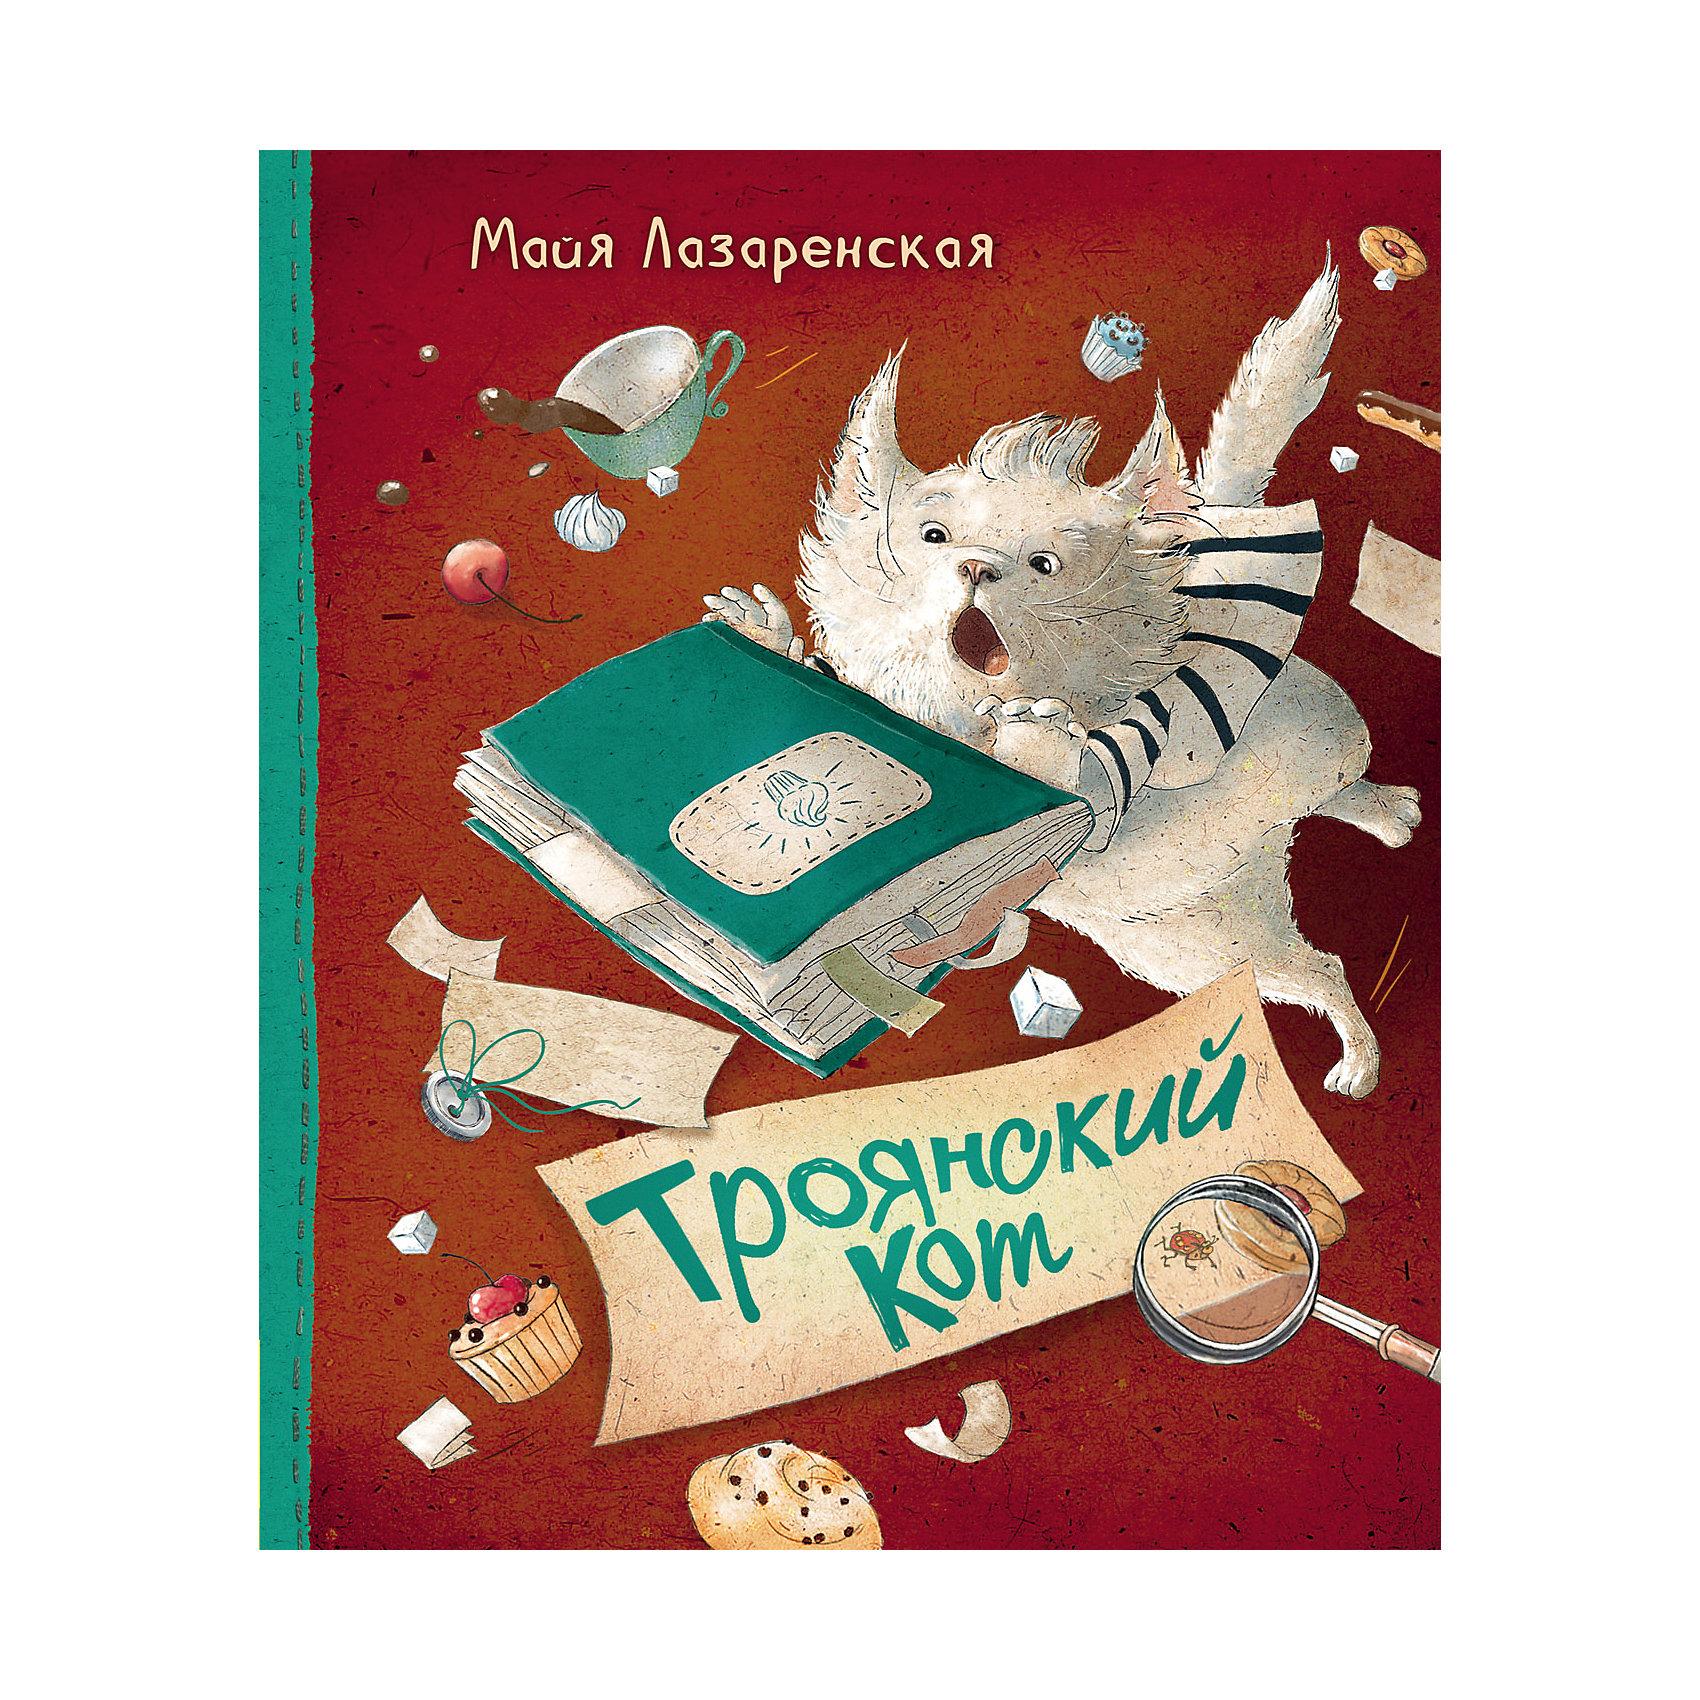 Троянский кот, Майя ЛазаренскаяРосмэн<br>Это прекрасная детская поучительная книга, которая точно понравится Вашему ребенку!<br>Заглянув в кафе Марципановый кот, Вы всегда можете отведать ароматного чаю и вкуснейших марципанов. Но самое главное - здесь Вы познакомитесь с девочкой Асей, котом Марципаном и необыкновенным Типом Шпиолинем Чайханькусским (для друзей просто Типом). Сегодня эта троица друг в друге души не чает, но так было не всегда. Ведь когда-то Тип и кот Марципан...Впрочем, они сами обо всем расскажут!&#13;<br><br>Дополнительная информация: <br><br>- Автор: Майя Лазаренская.<br>- Иллюстрации: цветные.<br>- Тип обложки: твердый переплет.<br>- Кол-во страниц: 64<br>- Материал: бумага, картон.<br>- Размер упаковки: 24.3x20.2x0.8 см.<br>- Вес в упаковке: 310 г.<br>- ISBN: 978-5-353-07942-2<br><br>Купить Троянский кот Майя Лазаренская, можно в нашем магазине.<br><br>Ширина мм: 243<br>Глубина мм: 202<br>Высота мм: 8<br>Вес г: 309<br>Возраст от месяцев: 84<br>Возраст до месяцев: 120<br>Пол: Унисекс<br>Возраст: Детский<br>SKU: 4970613